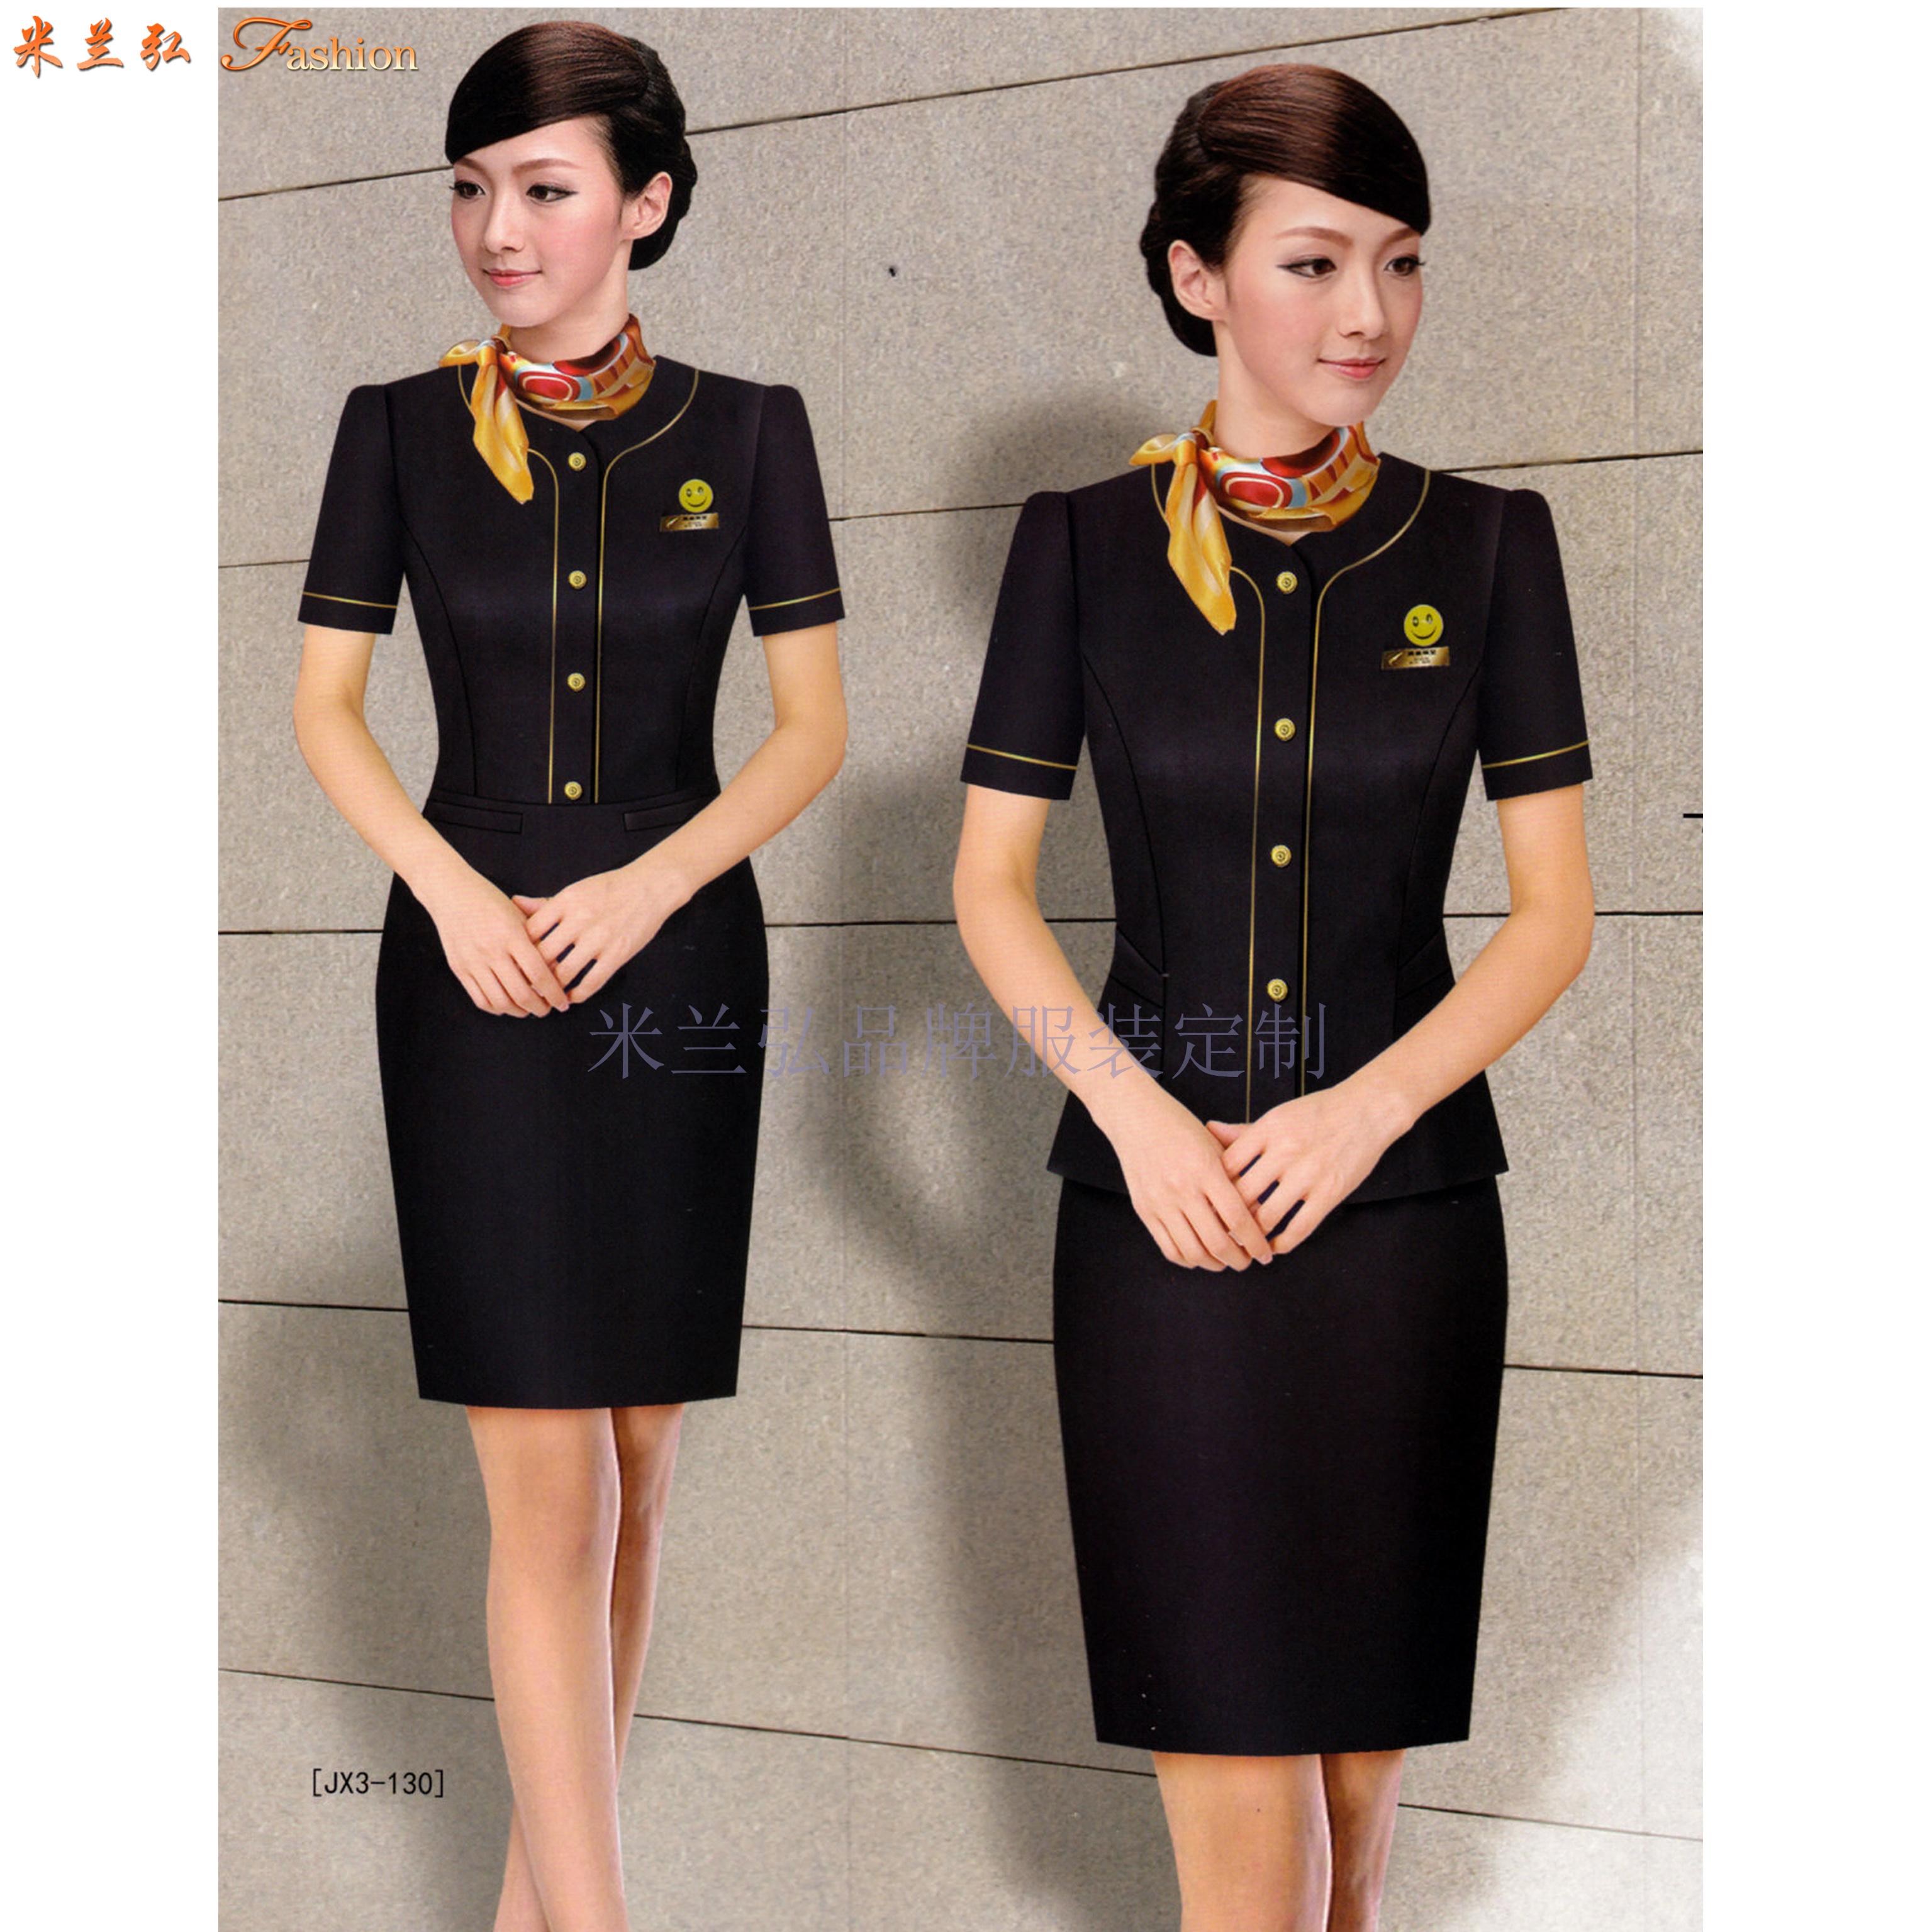 「空姐服」銀川量體定做航空公司空姐服-米蘭弘服裝-3